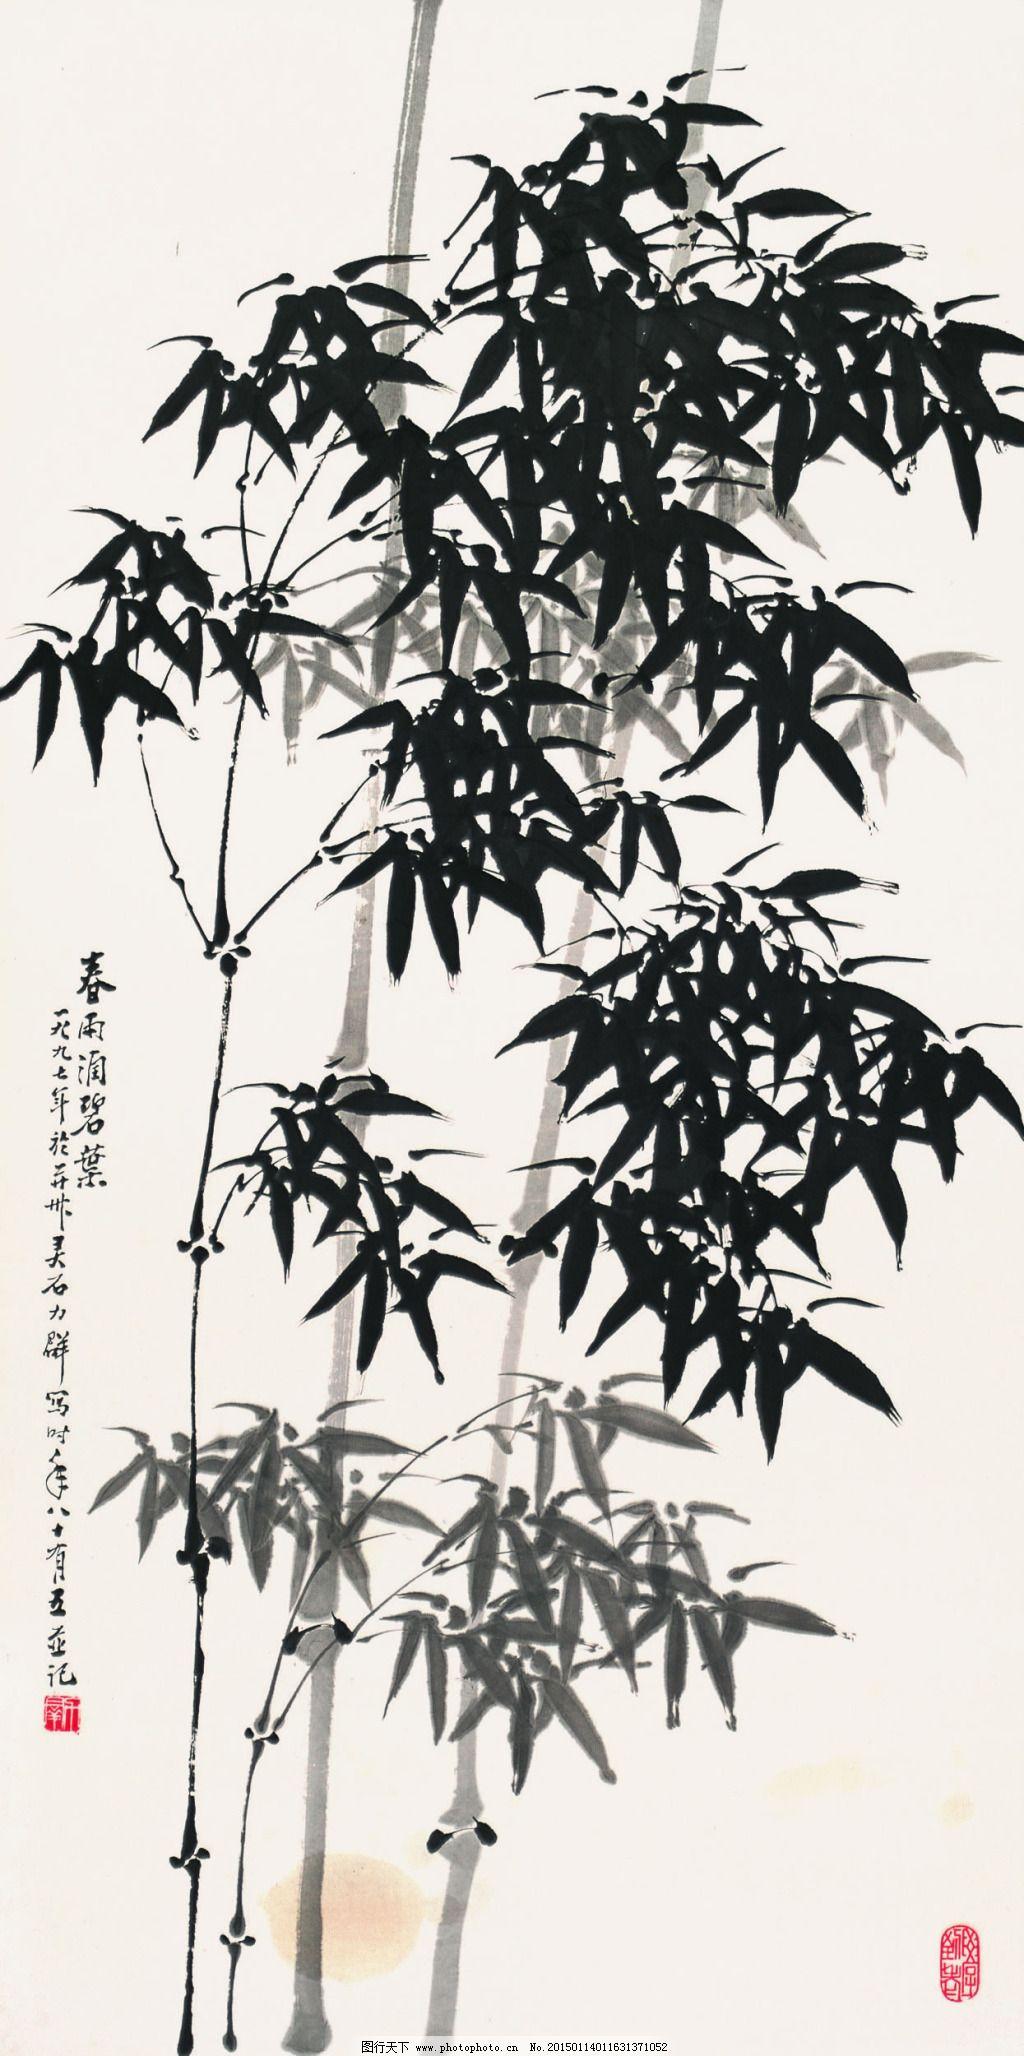 春雨润碧叶 春雨润碧叶免费下载 刺绣 中国画 竹子 镜心 水墨工笔花卉